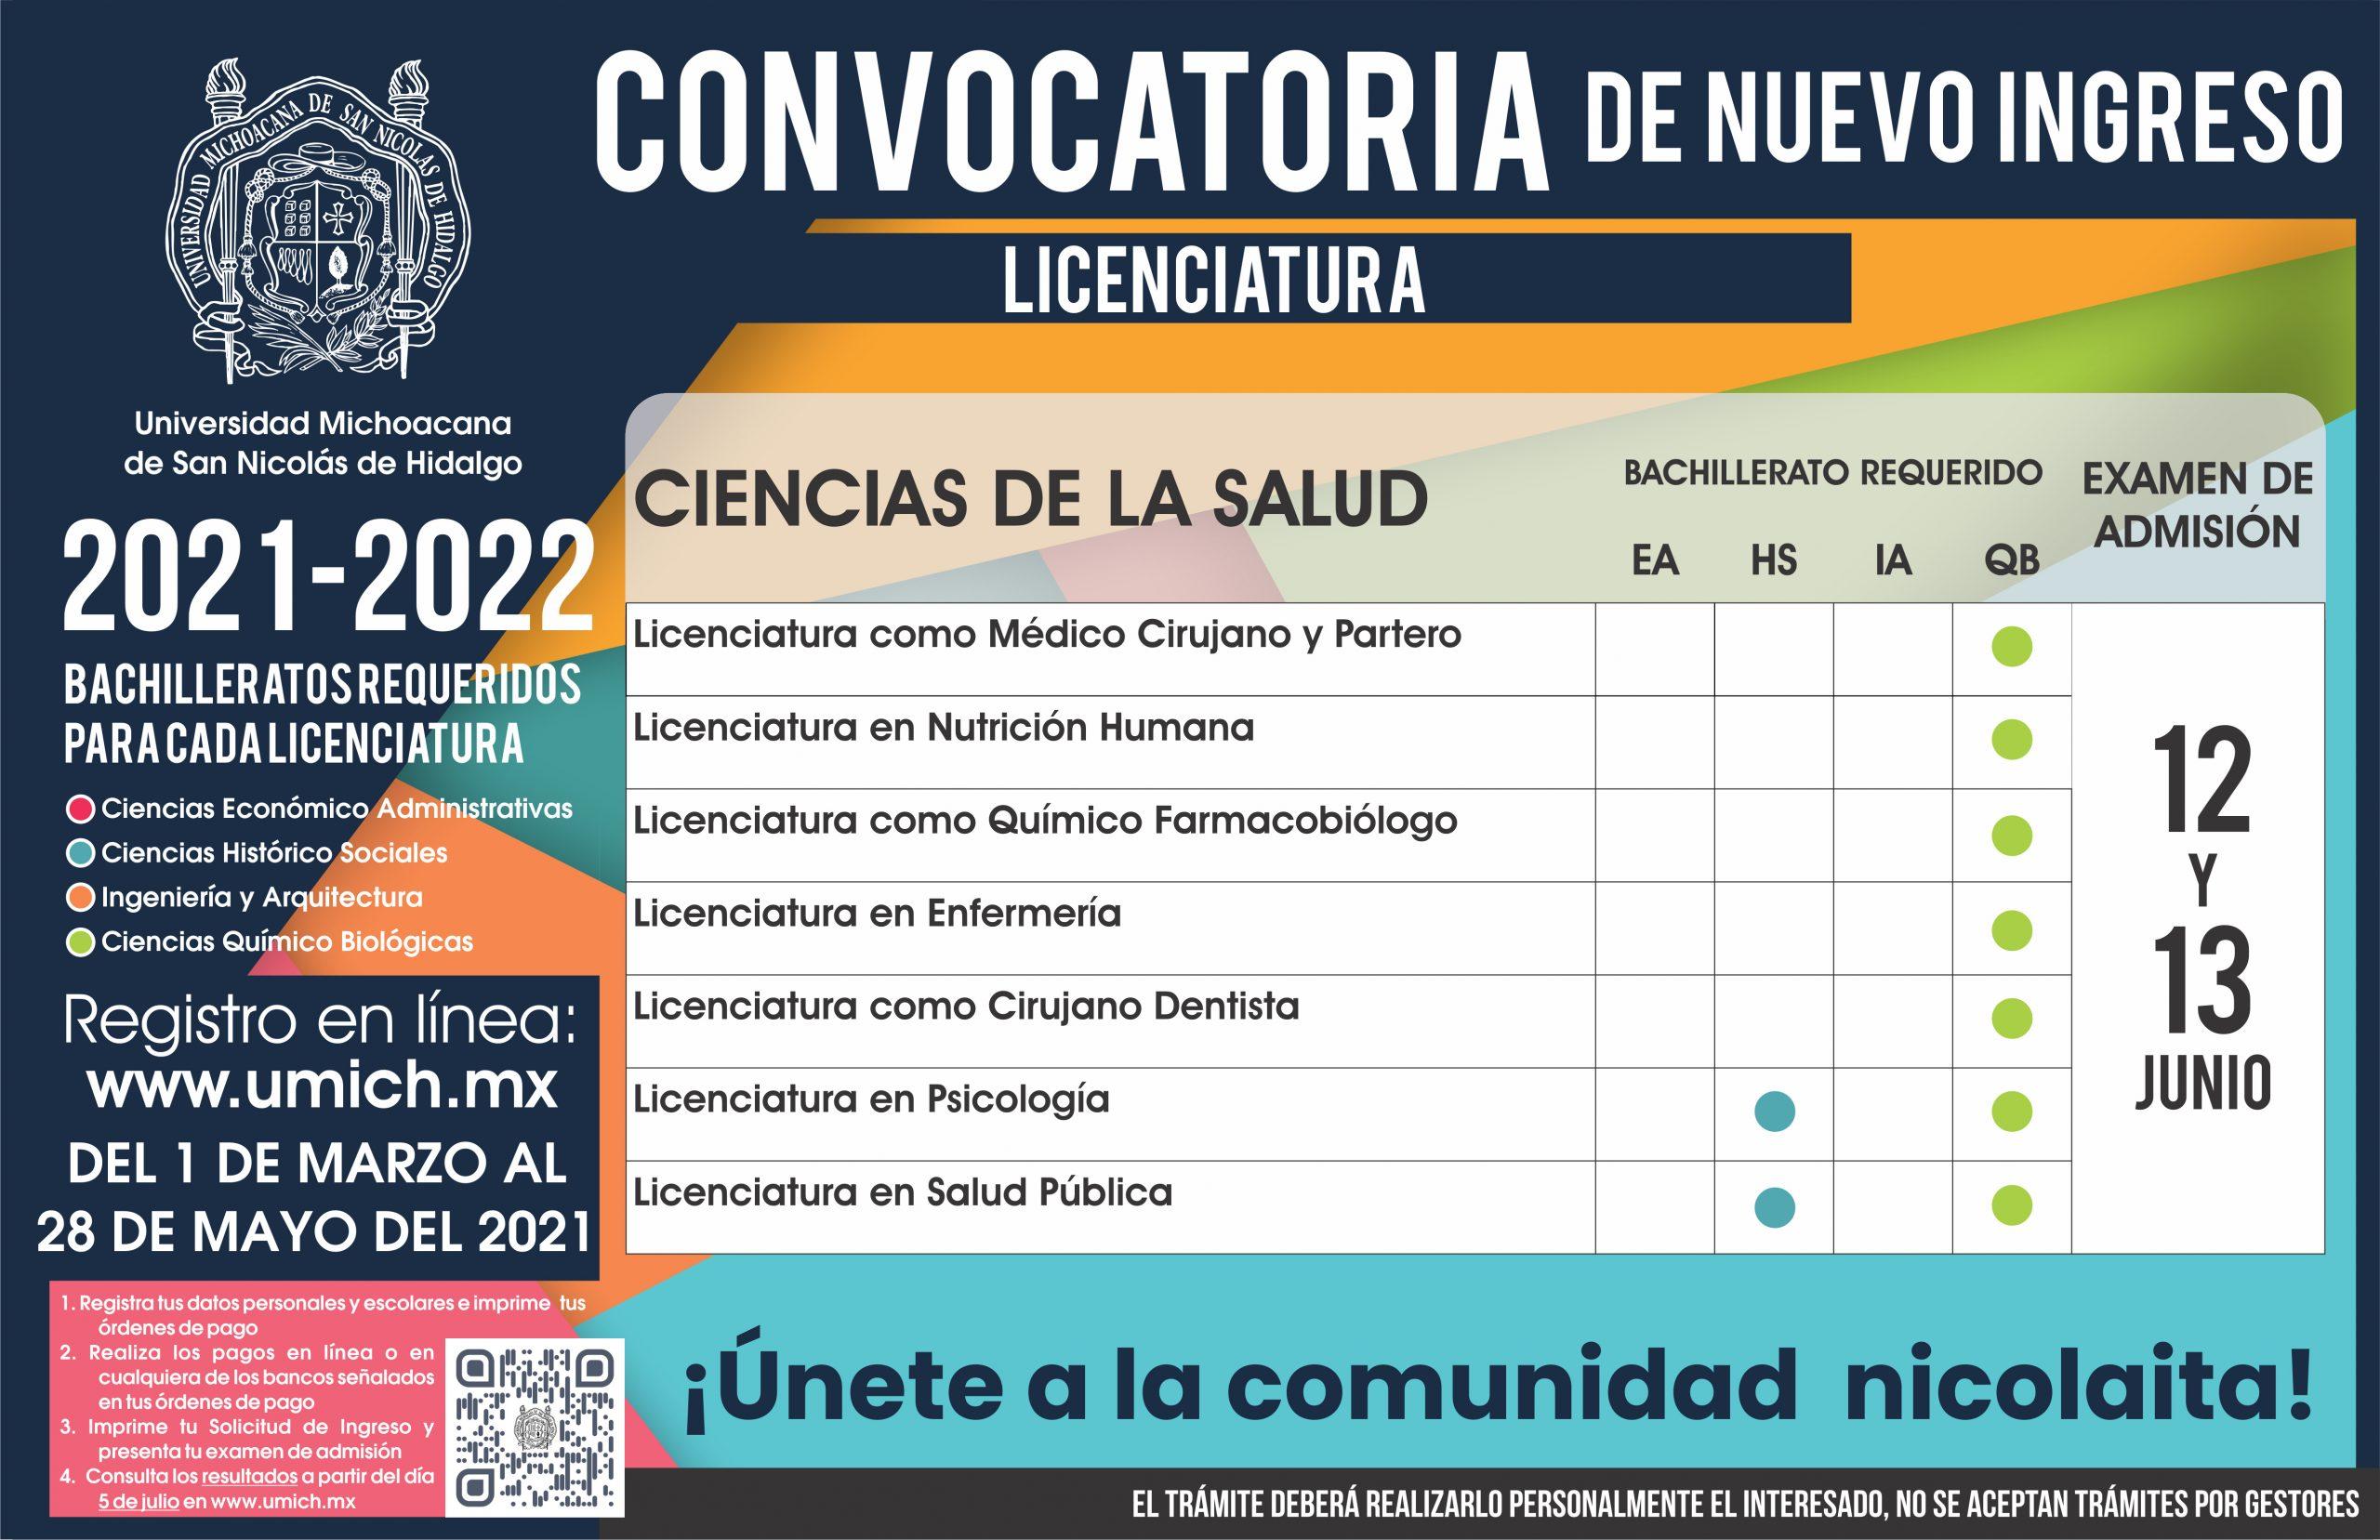 Licenciaturas que ofrece la UMSNH en el área de las Ciencias de la Salud